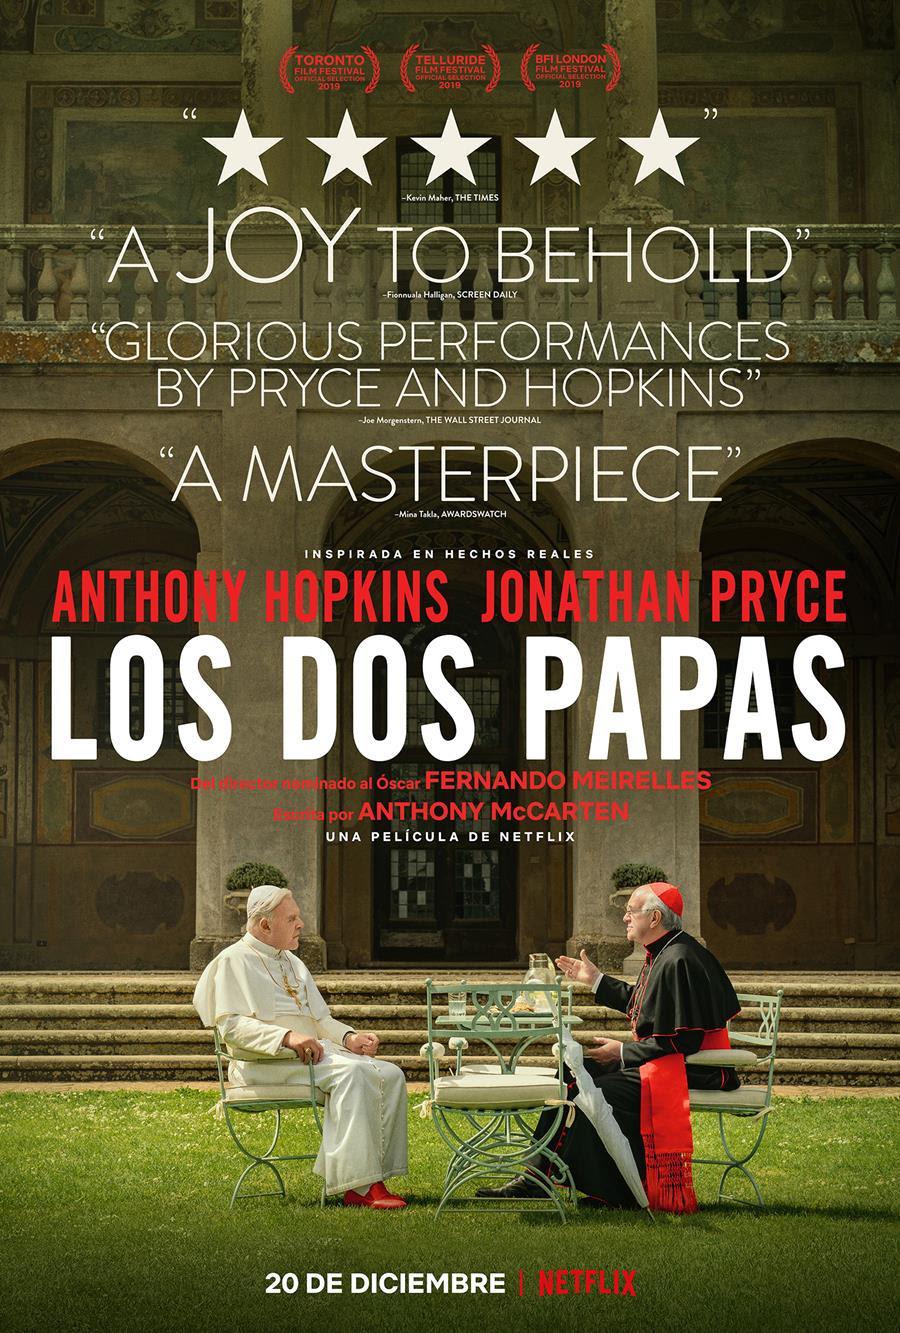 Los dos papas - Poster.jpg